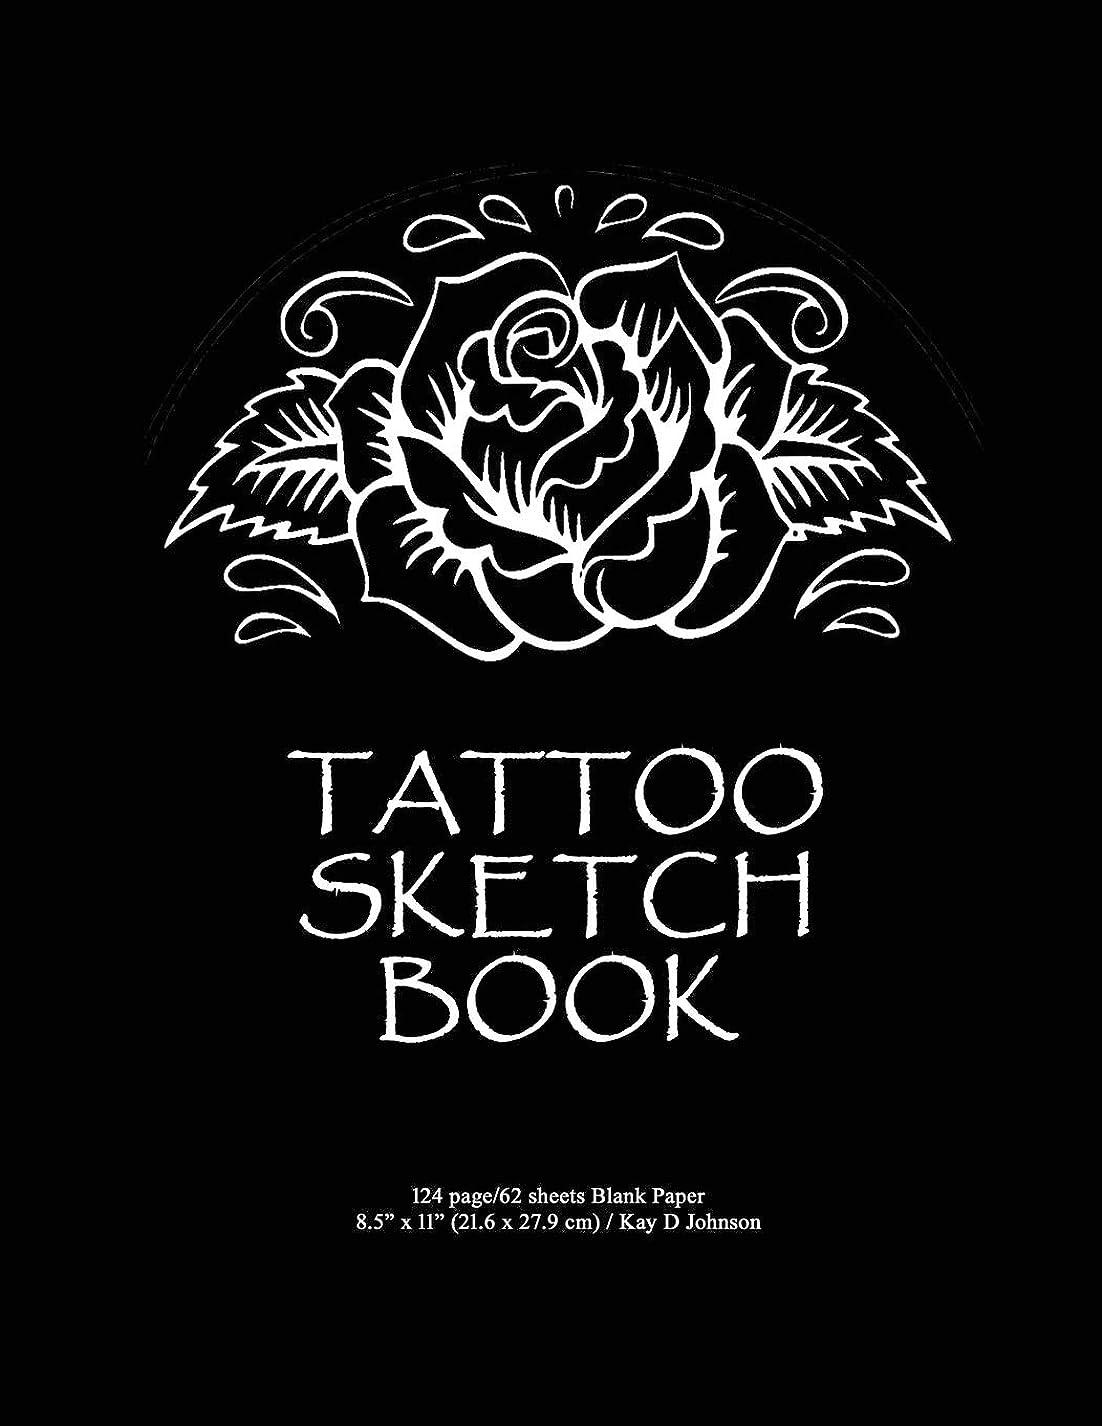 実験室発症誠意Tattoo Sketch Book: Large space blank book perfect for sketching tattoo designs.